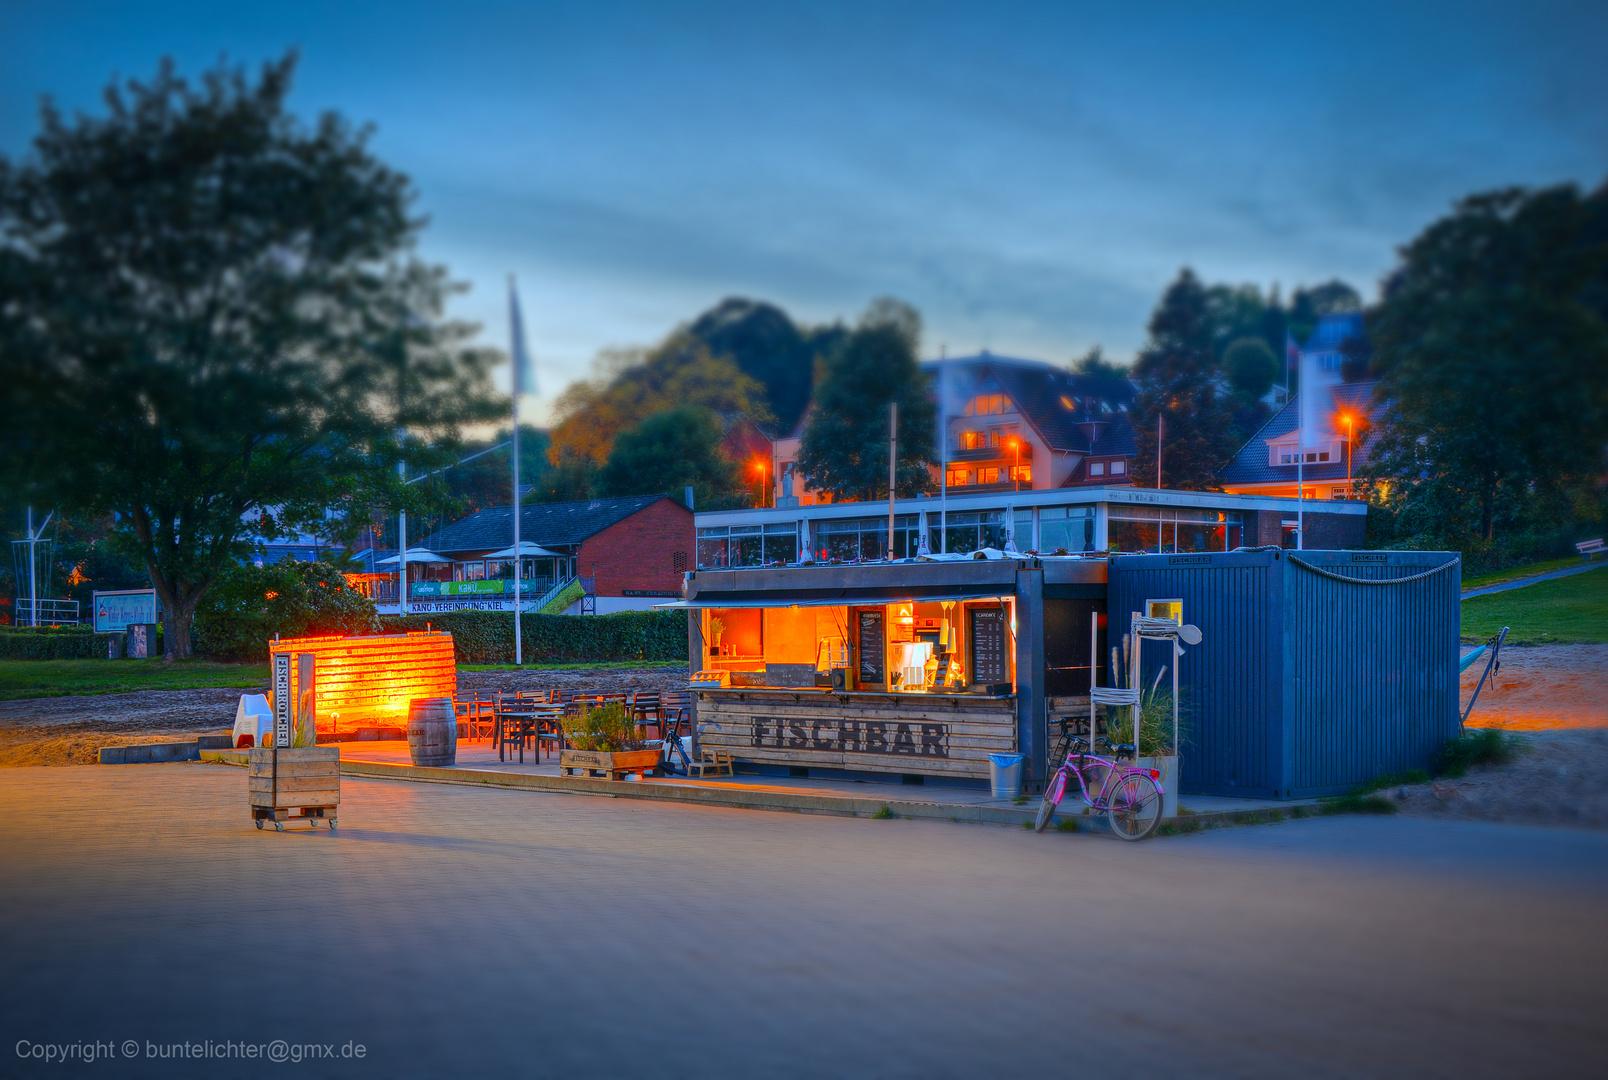 Fischbar in Kiel